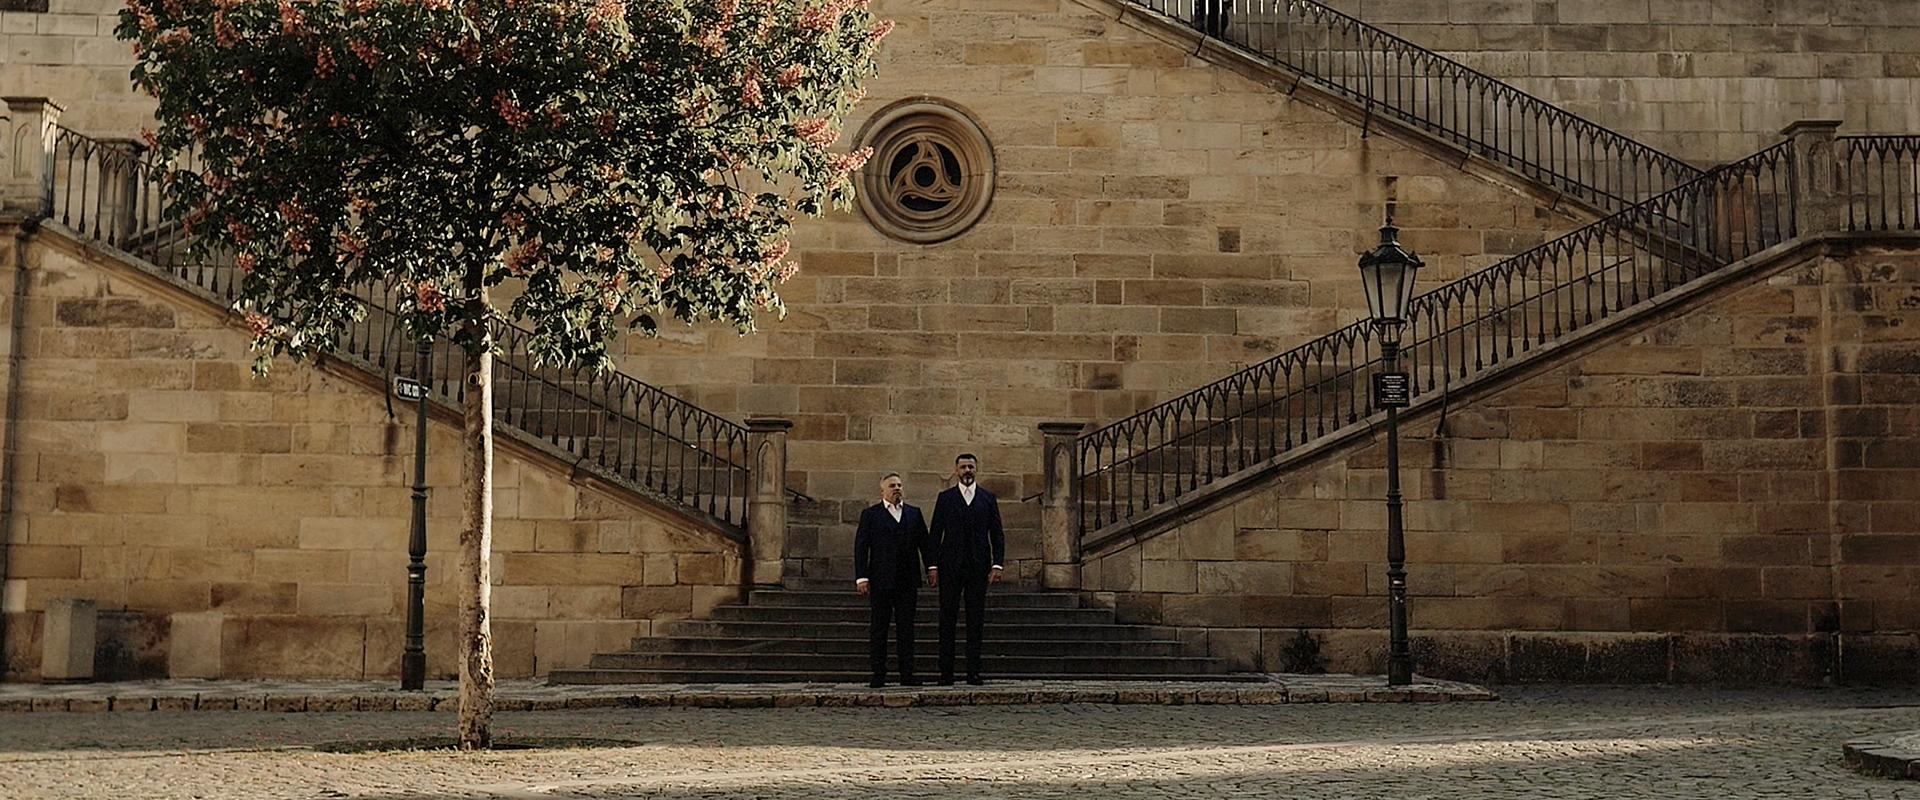 Engagement film of Libor & Peter in Prague